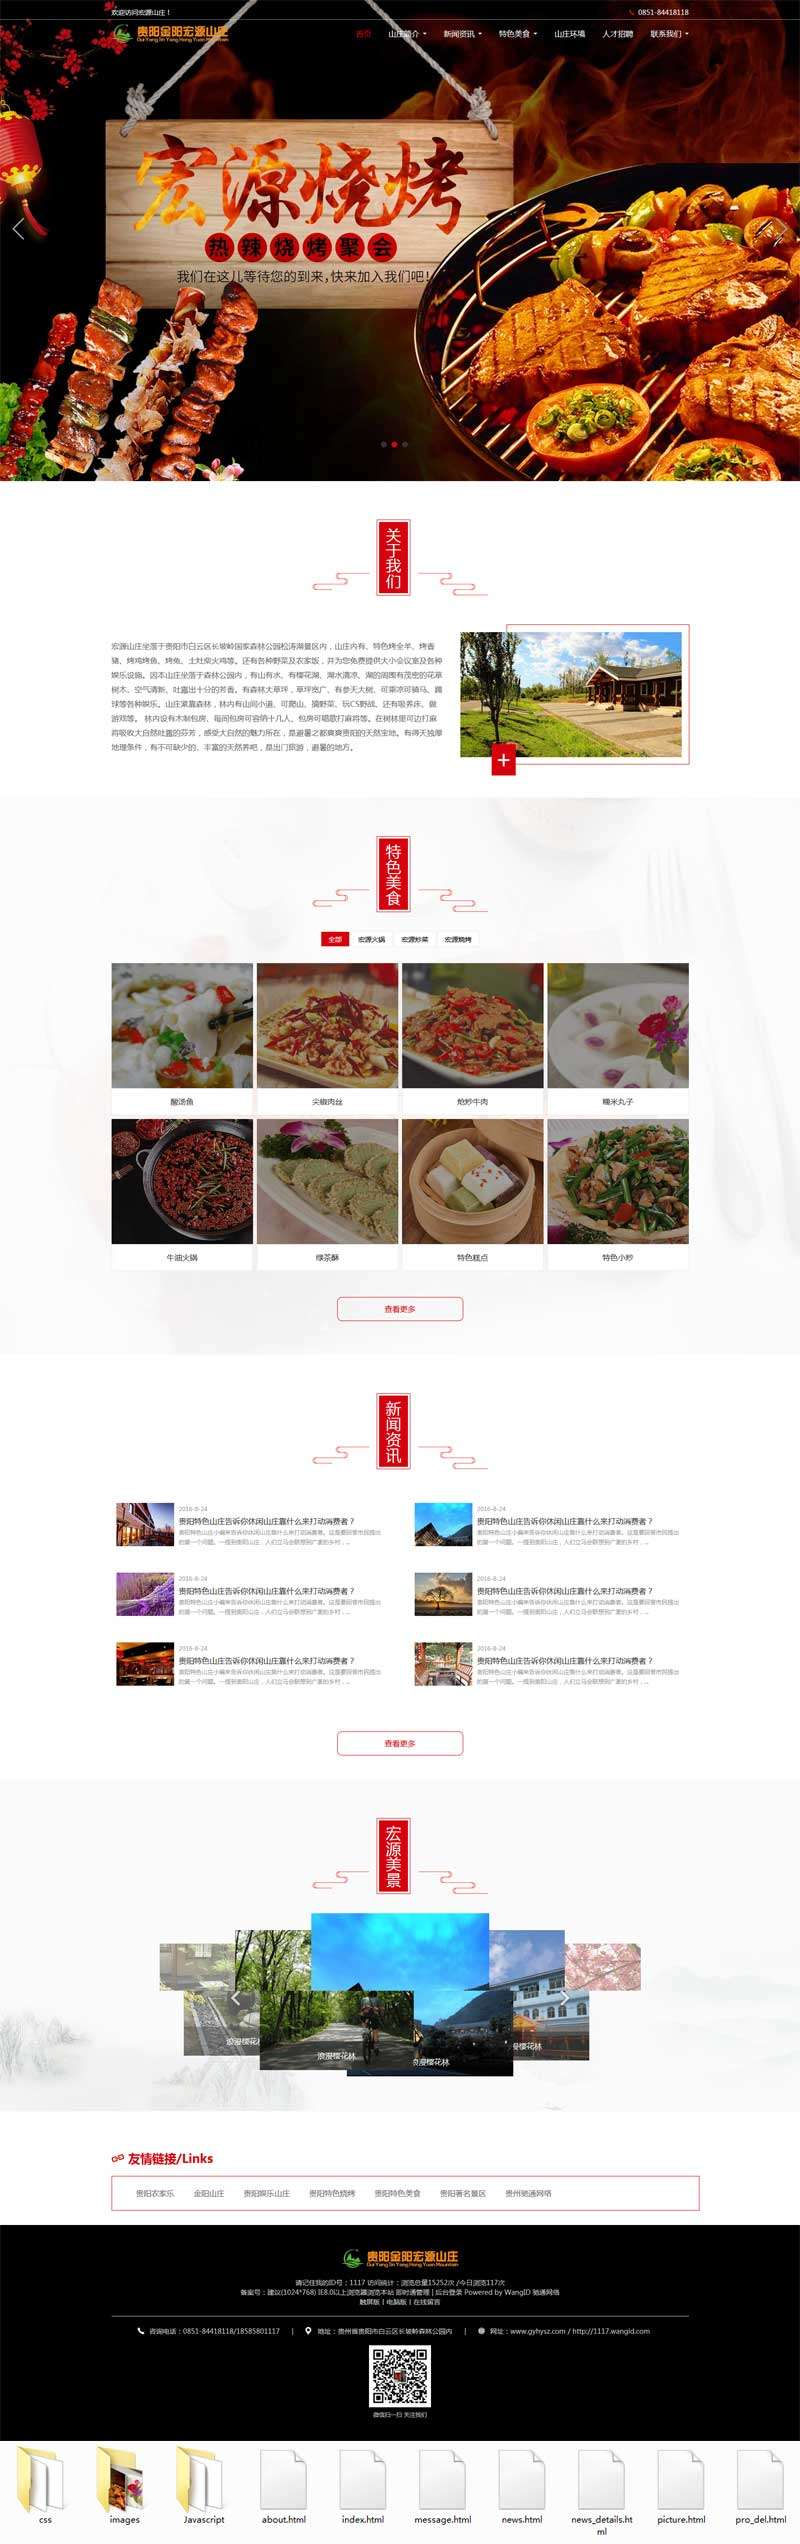 红色古典风火锅烧烤美食山庄网站模板